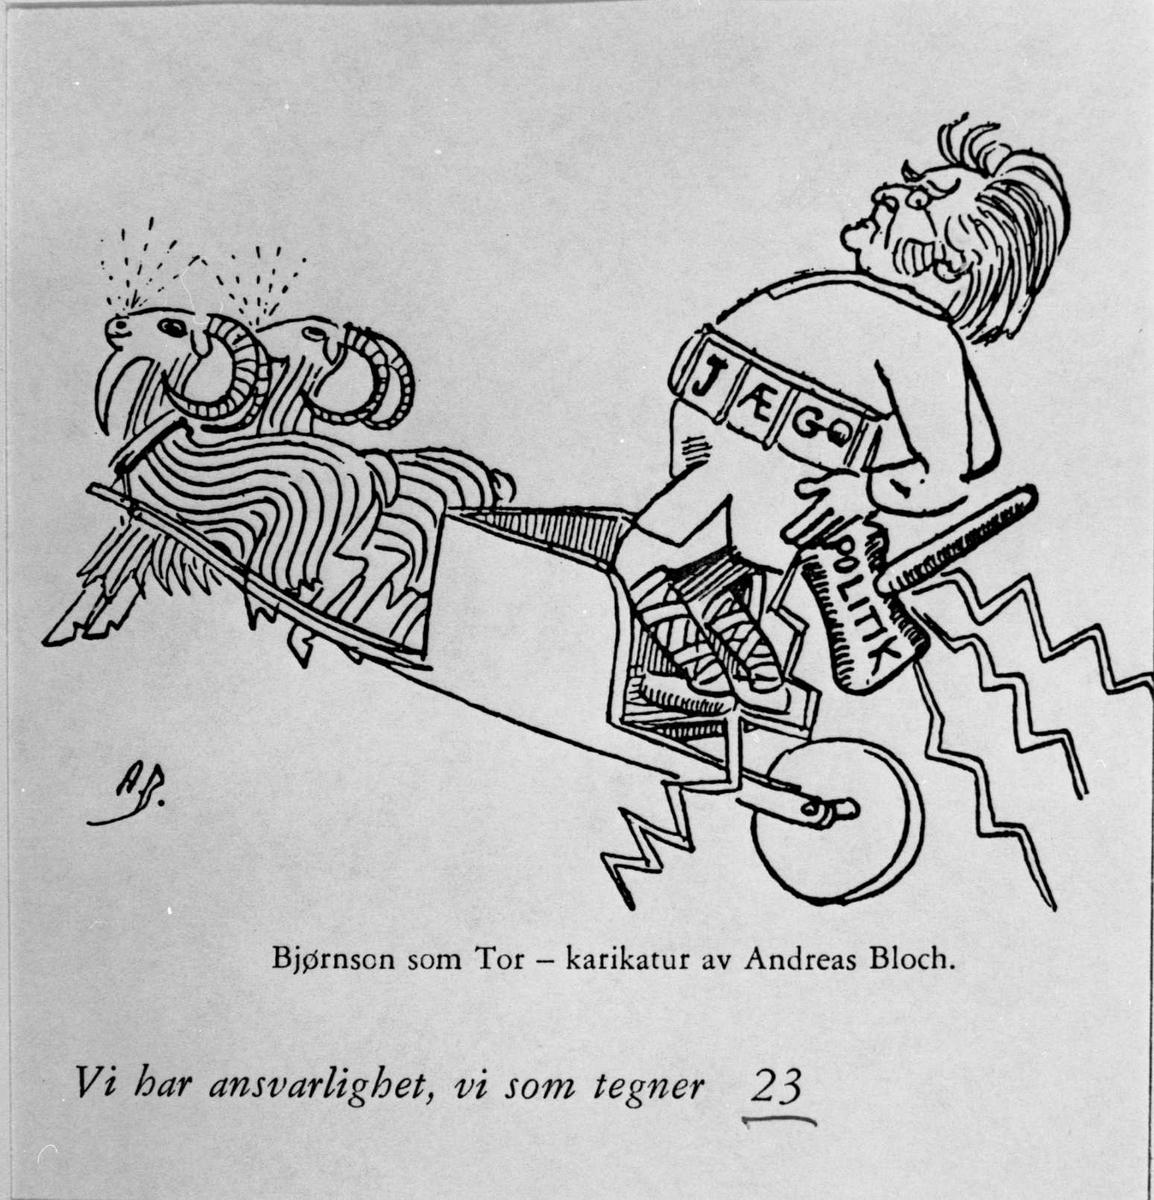 Karikatur, Bjørnson, Tor,